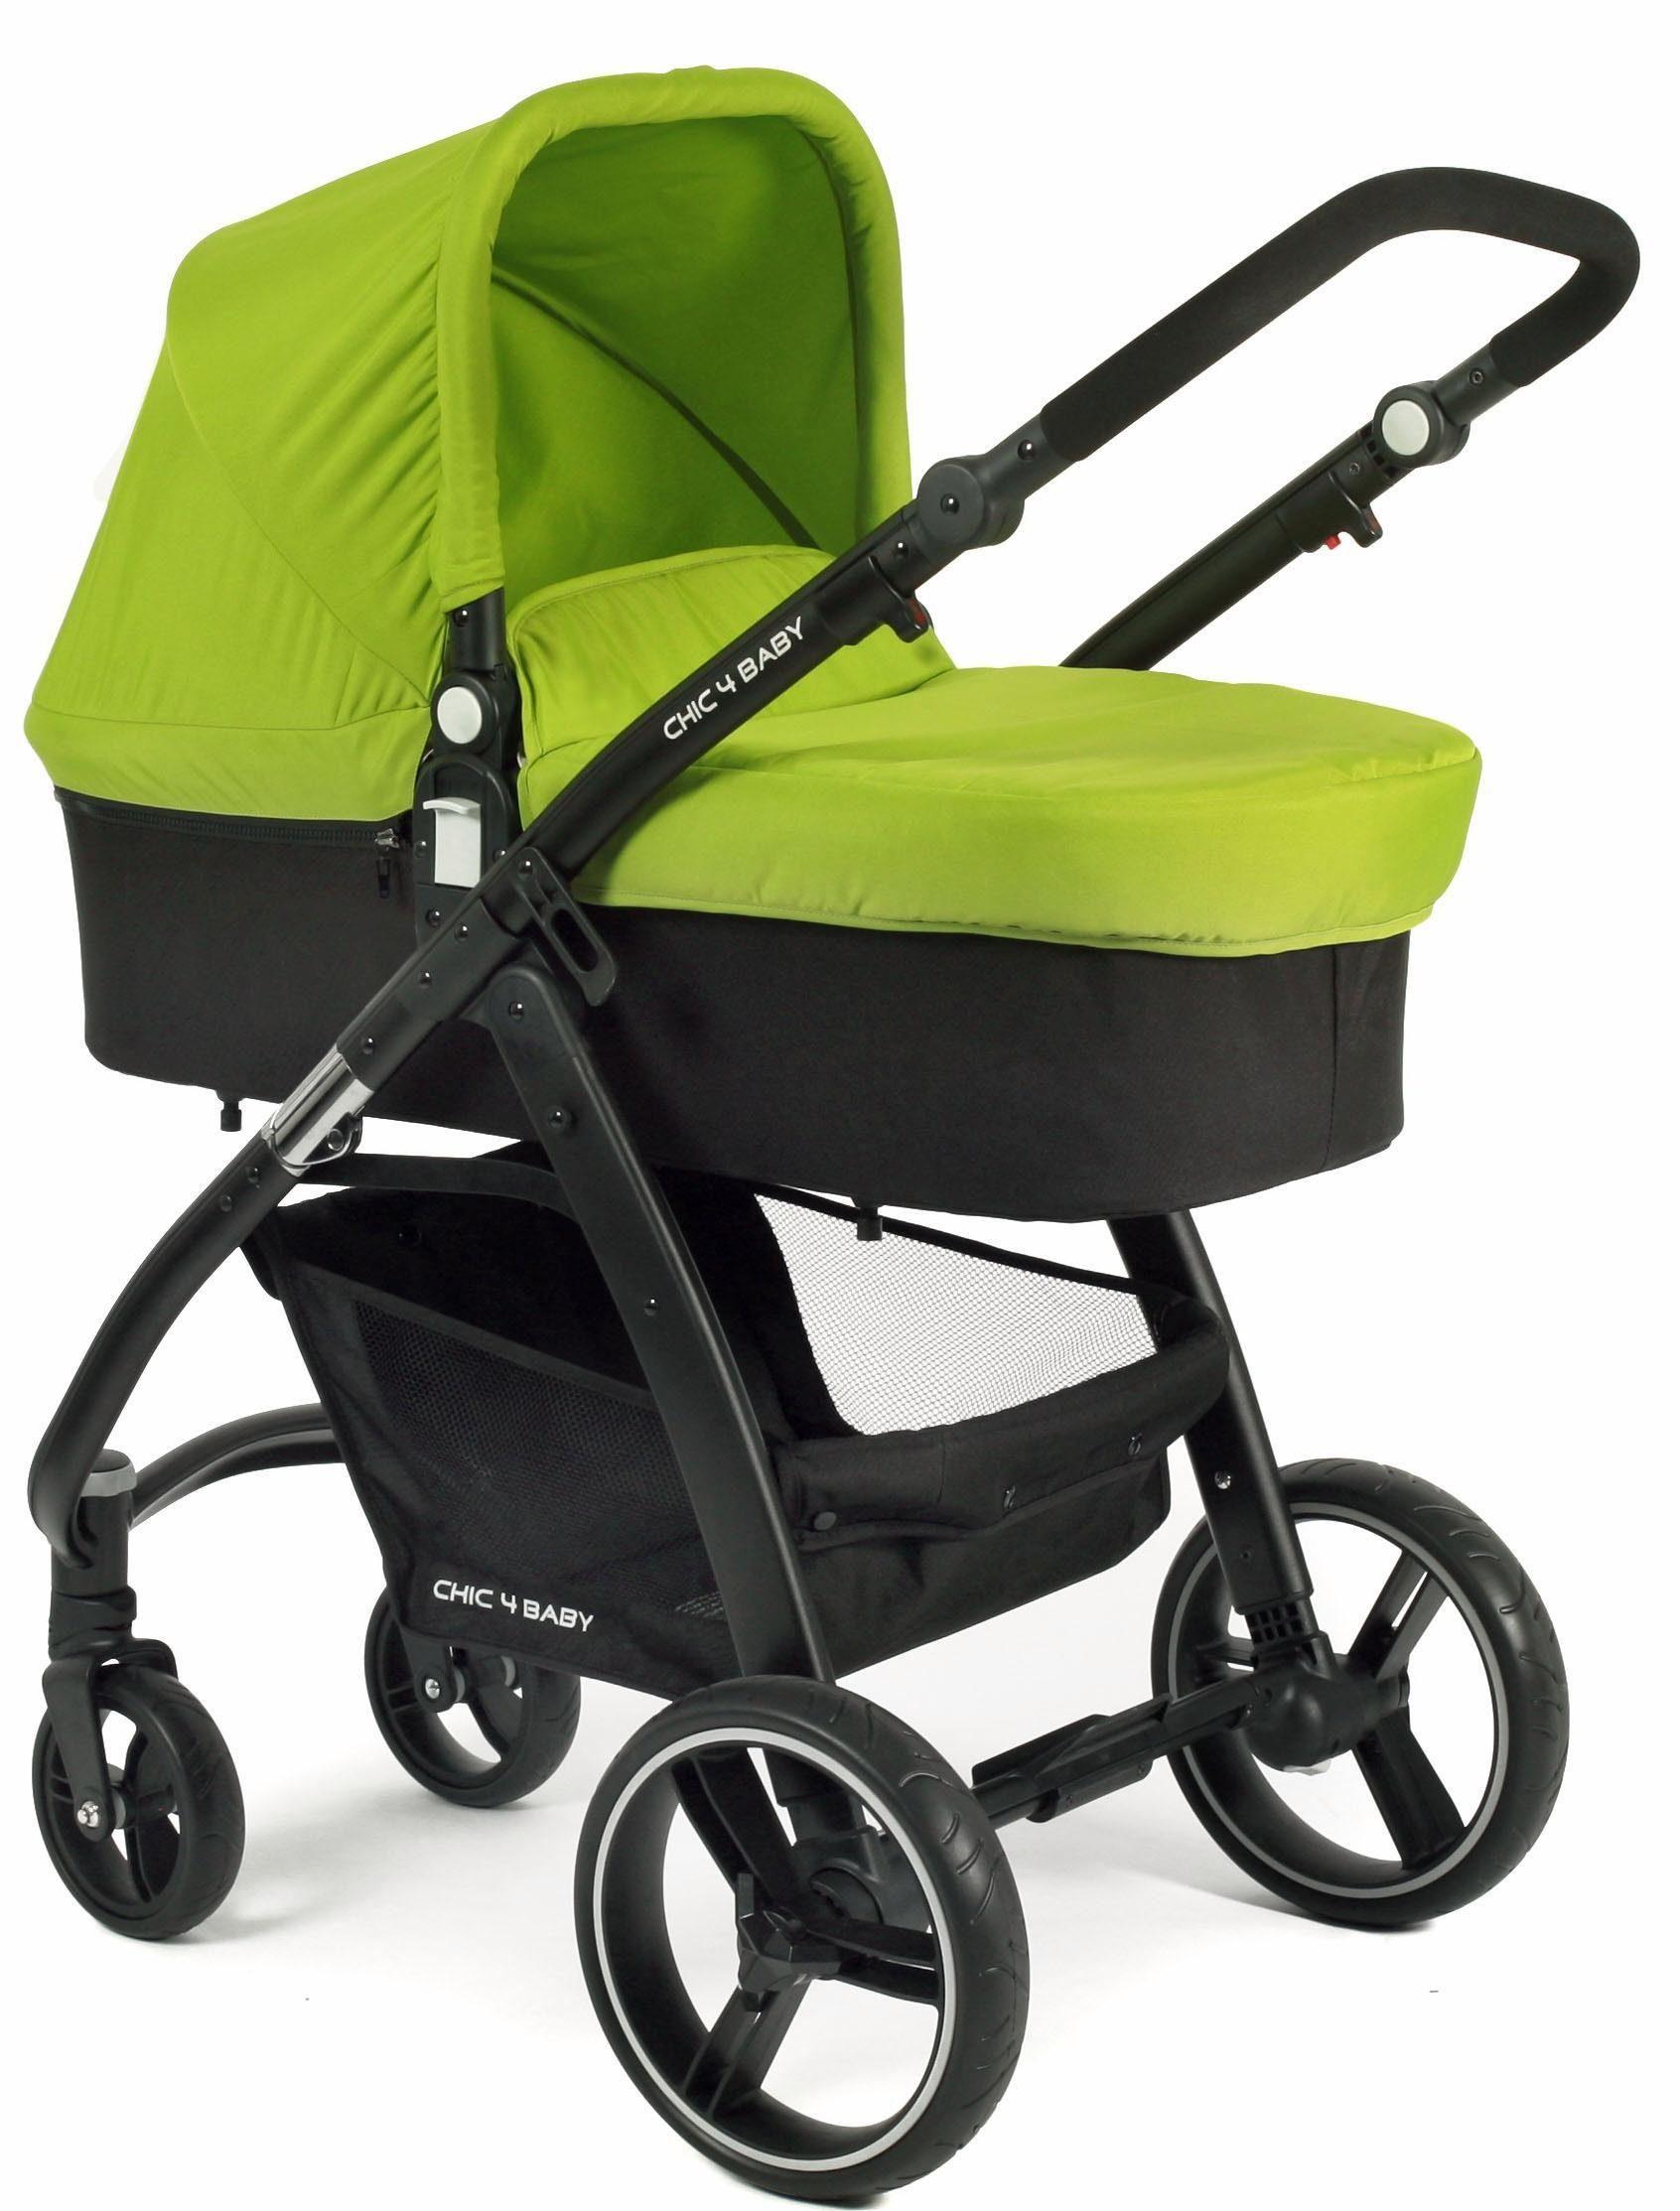 CHIC4BABY Kombi Kinderwagen inklusive Sportsitz, »Volare, grün-schwarz«